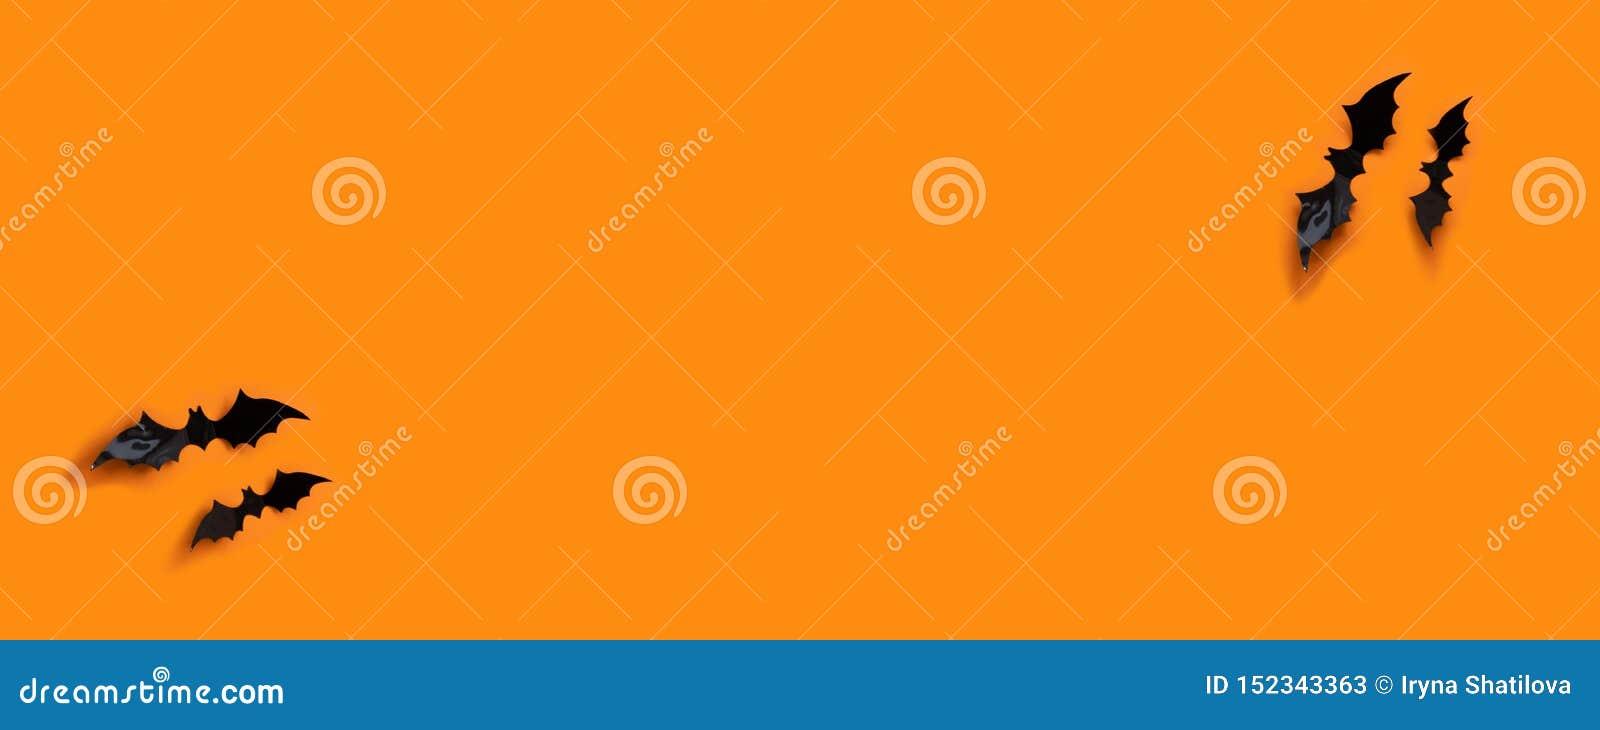 万圣节横幅与黑色,但是在橙色背景,顶视图